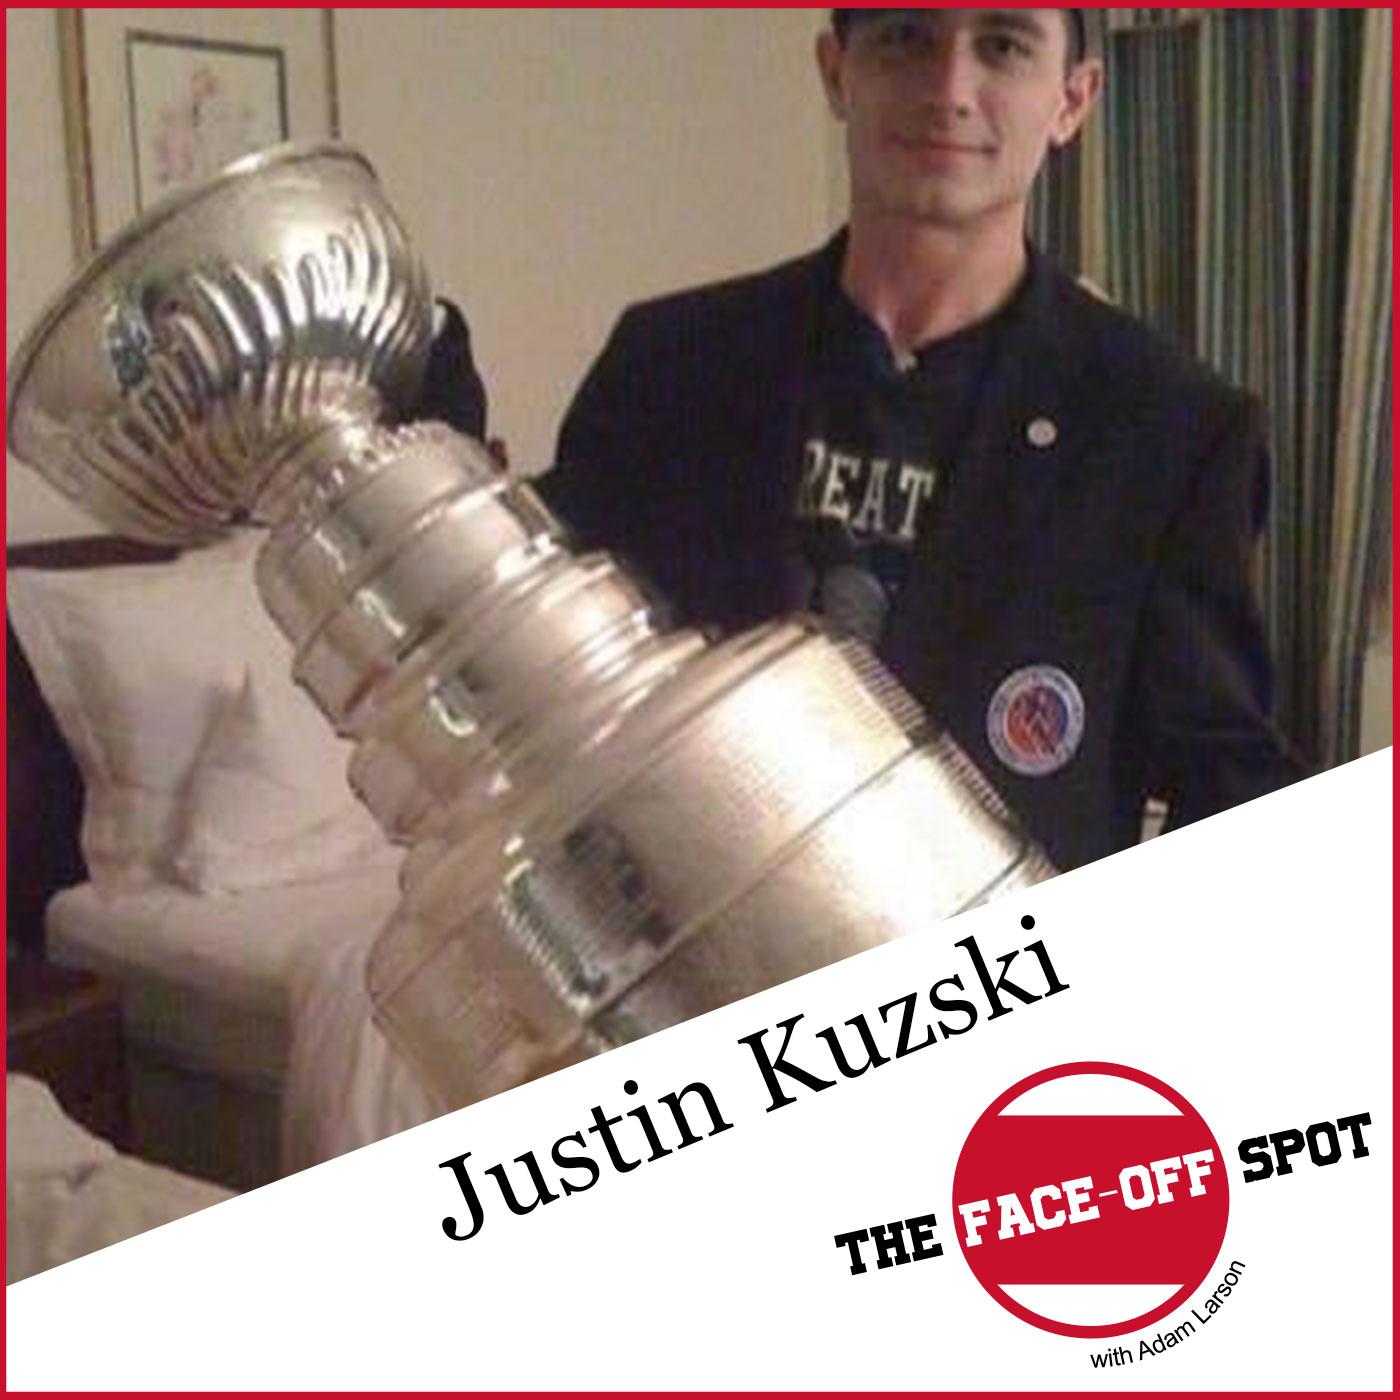 Episode 49 - Justin Kuzski